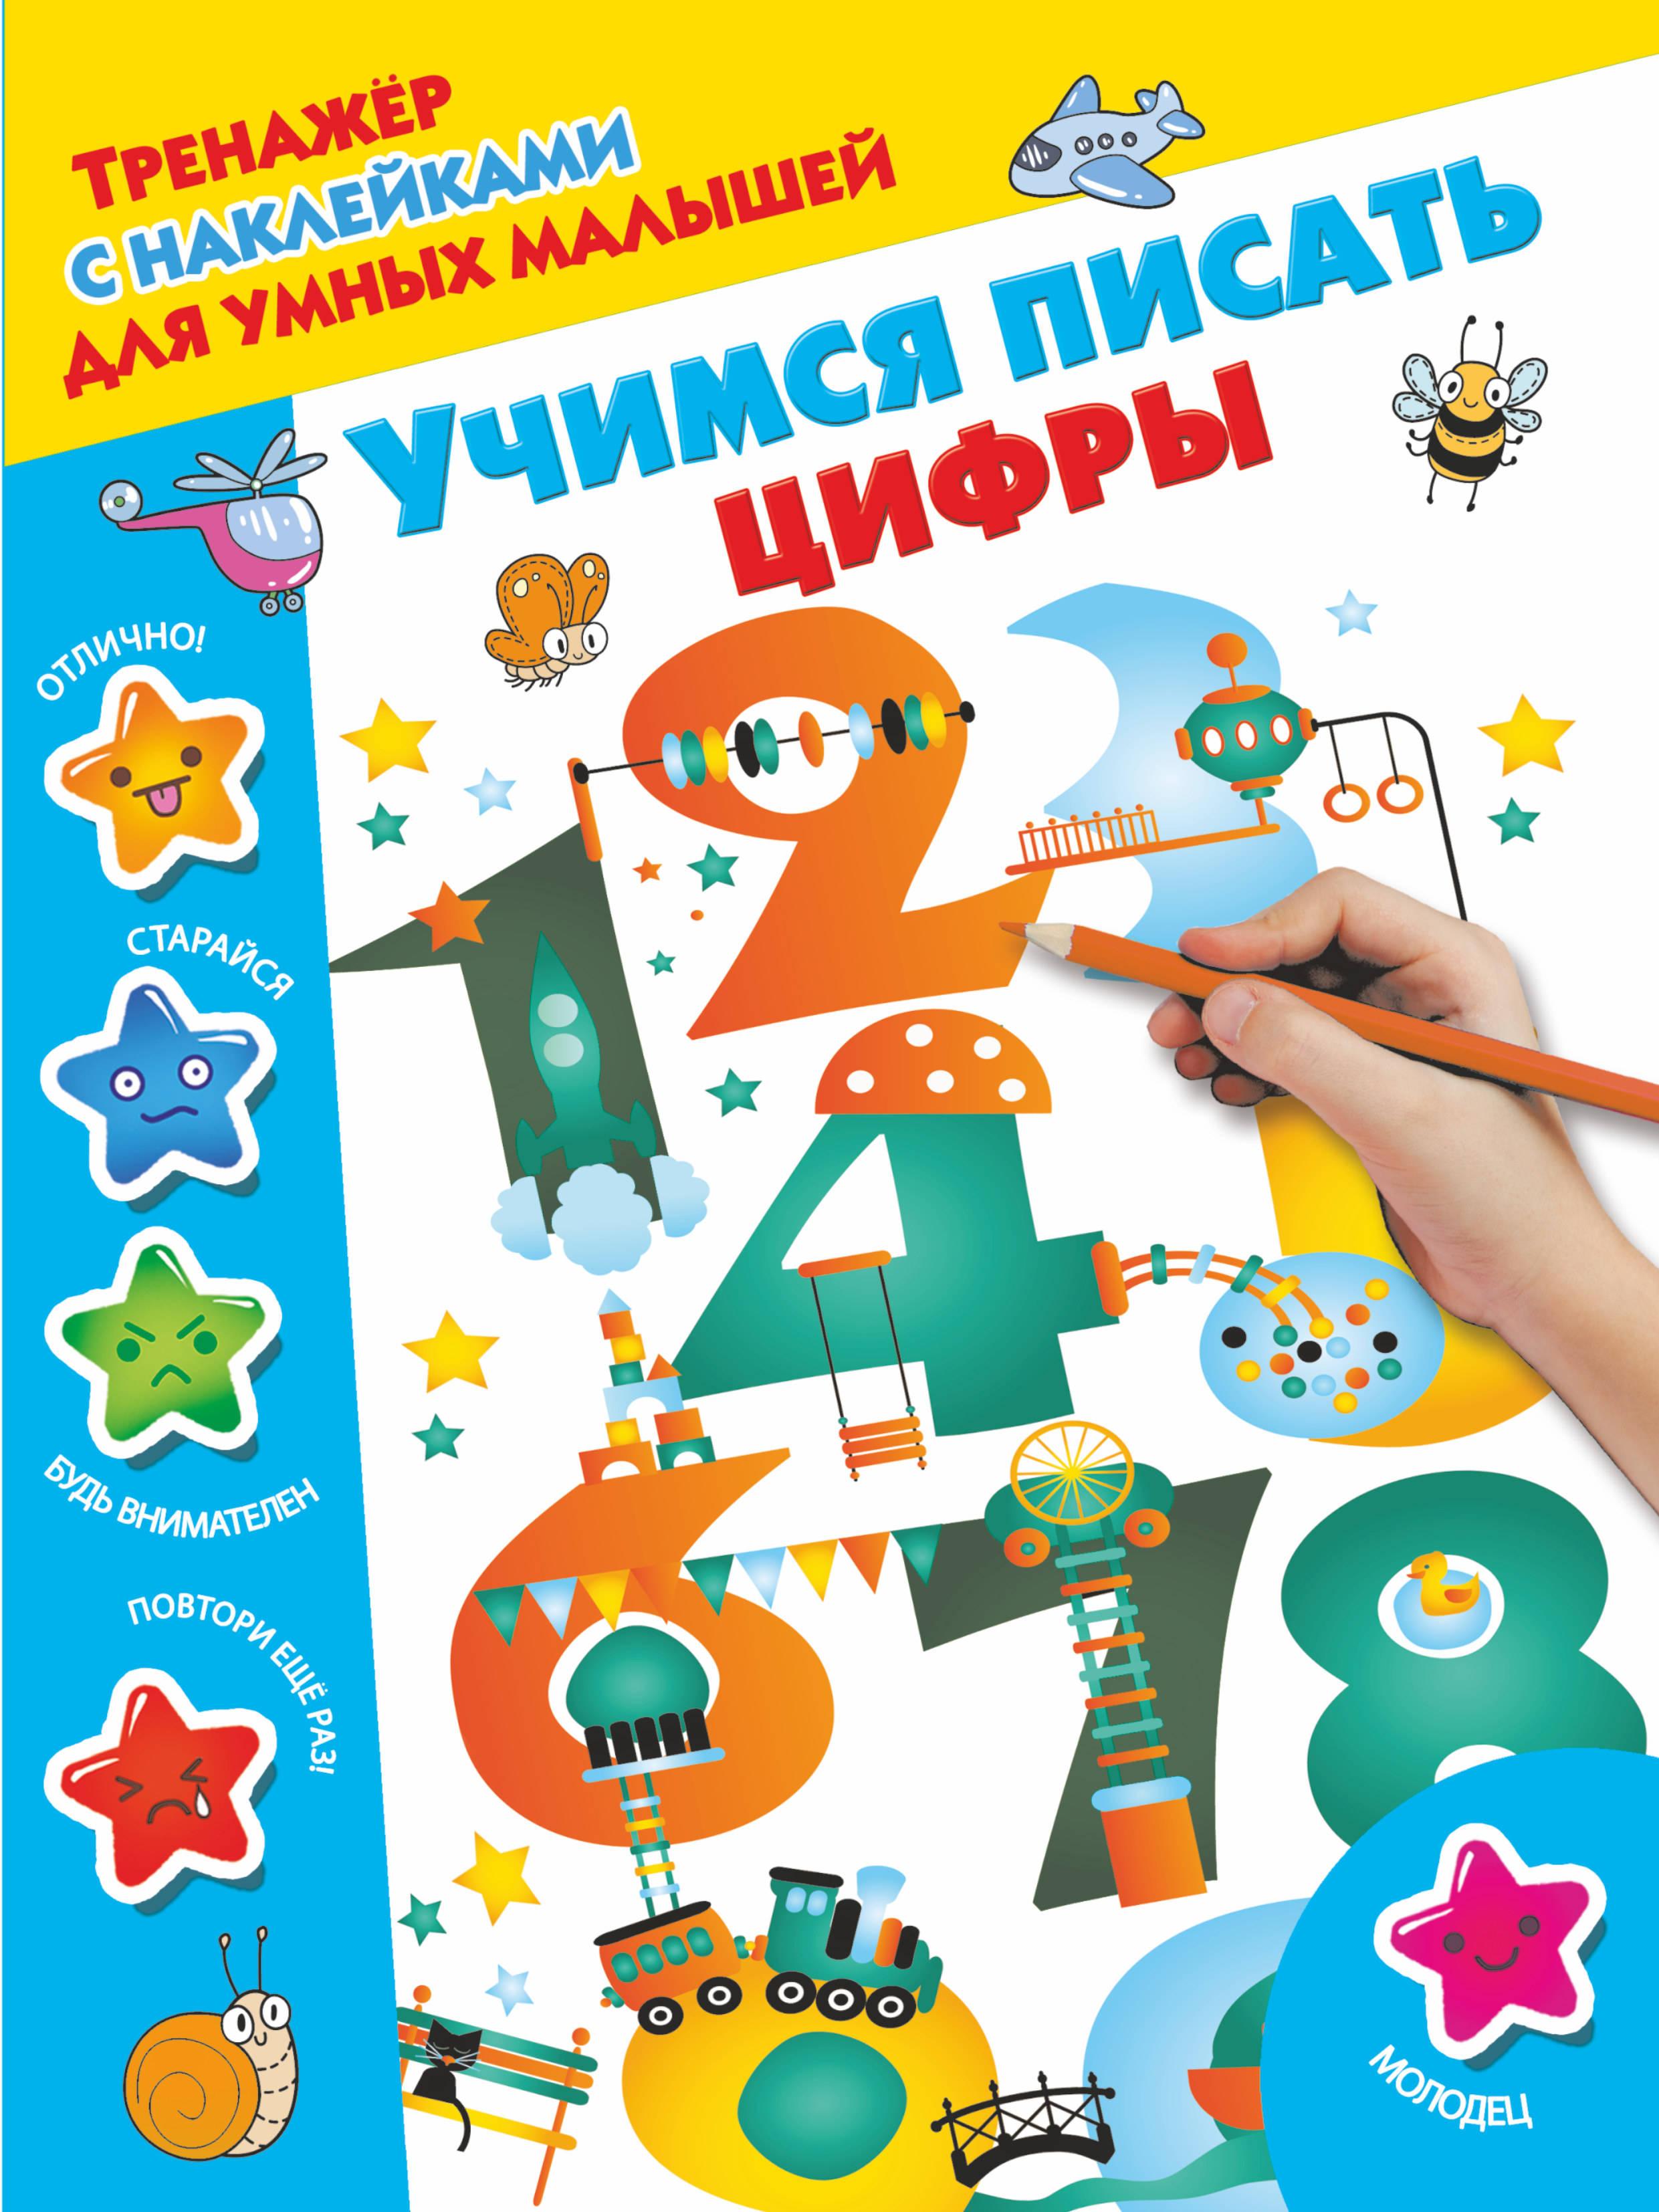 Дмитриева В.Г. Учимся писать цифры дмитриева в г 100 обучающих карточек быстро учимся считать и решать цифры числа счет до 10 isbn 978 5 17 982554 8